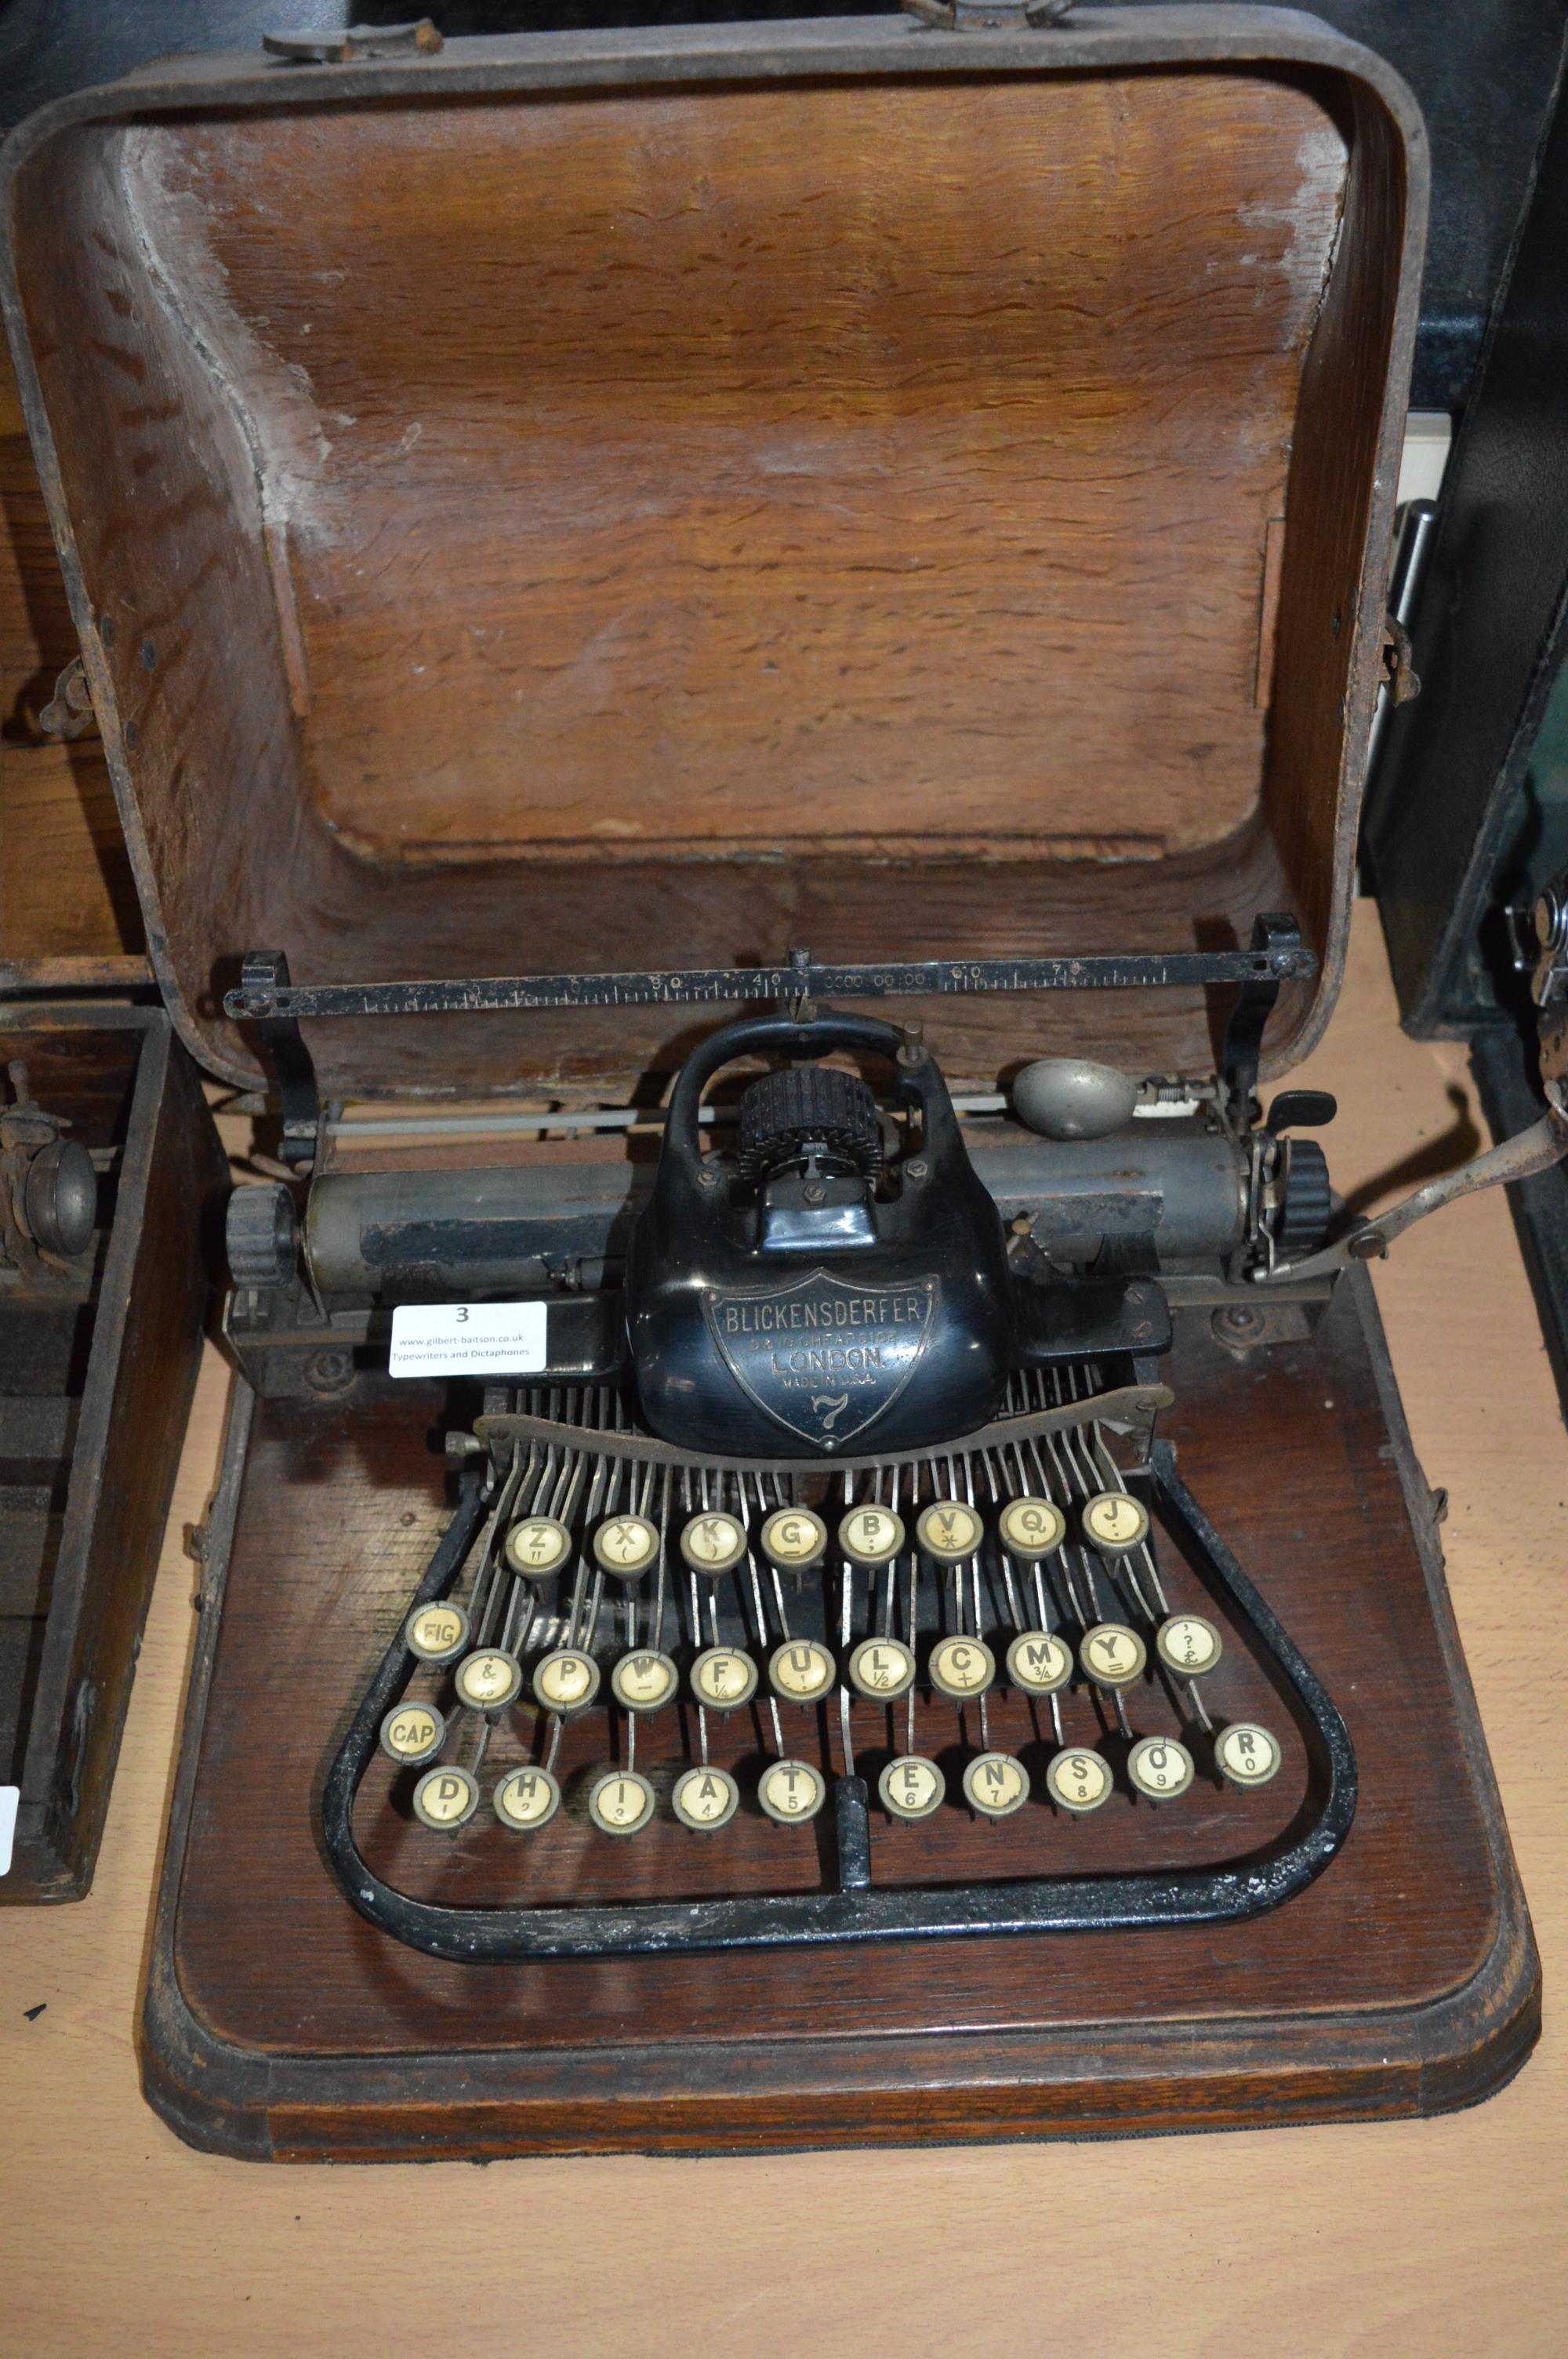 Blickensderfer No.07 Typewriter In Original Wooden Case - London, Made in USA